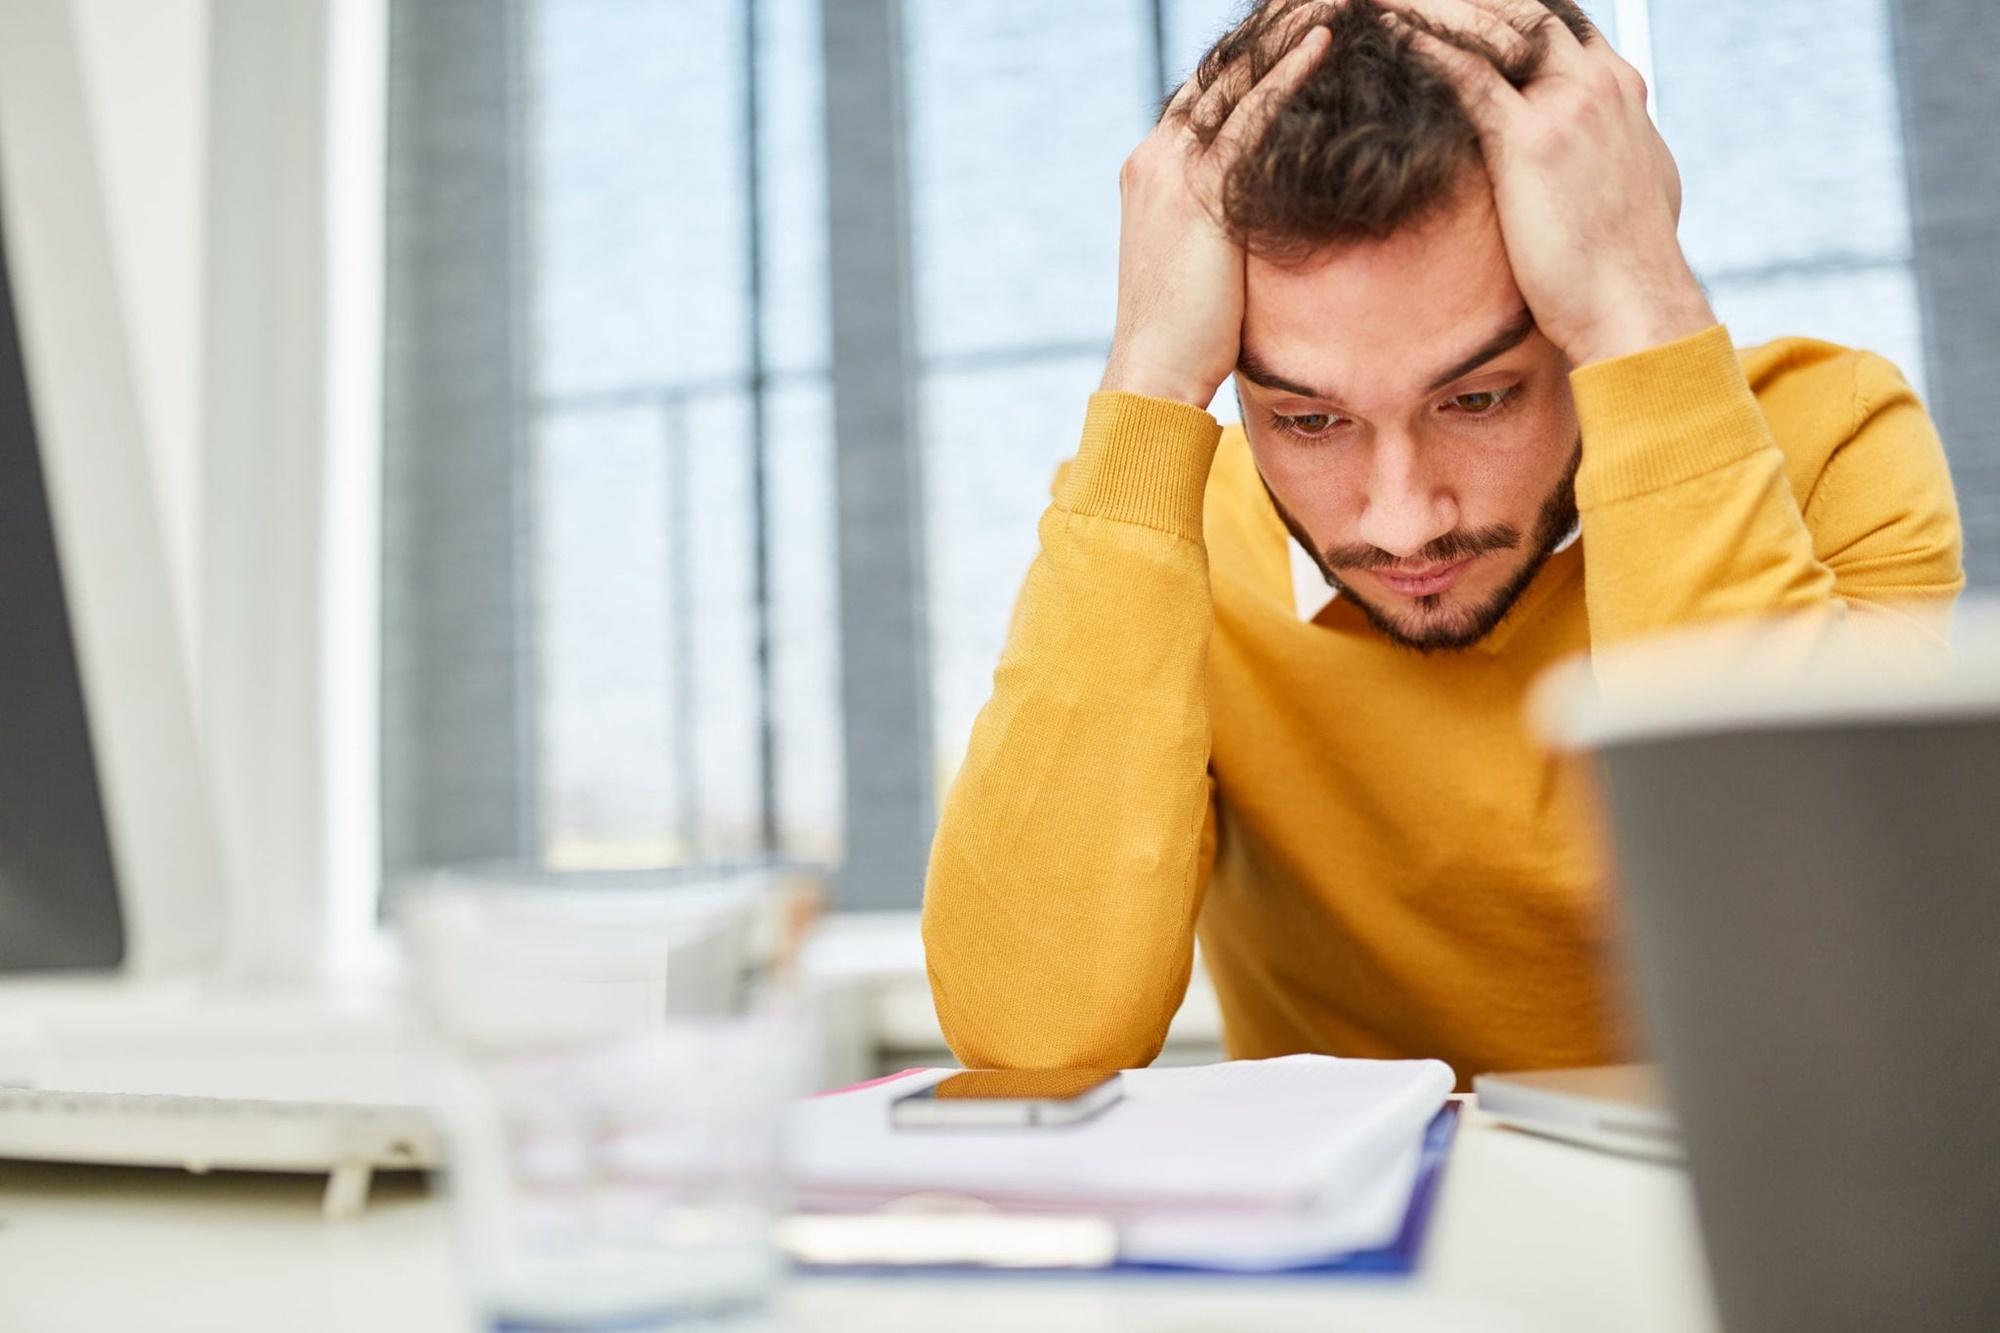 Síndrome de Burnout: o que é e como identificar